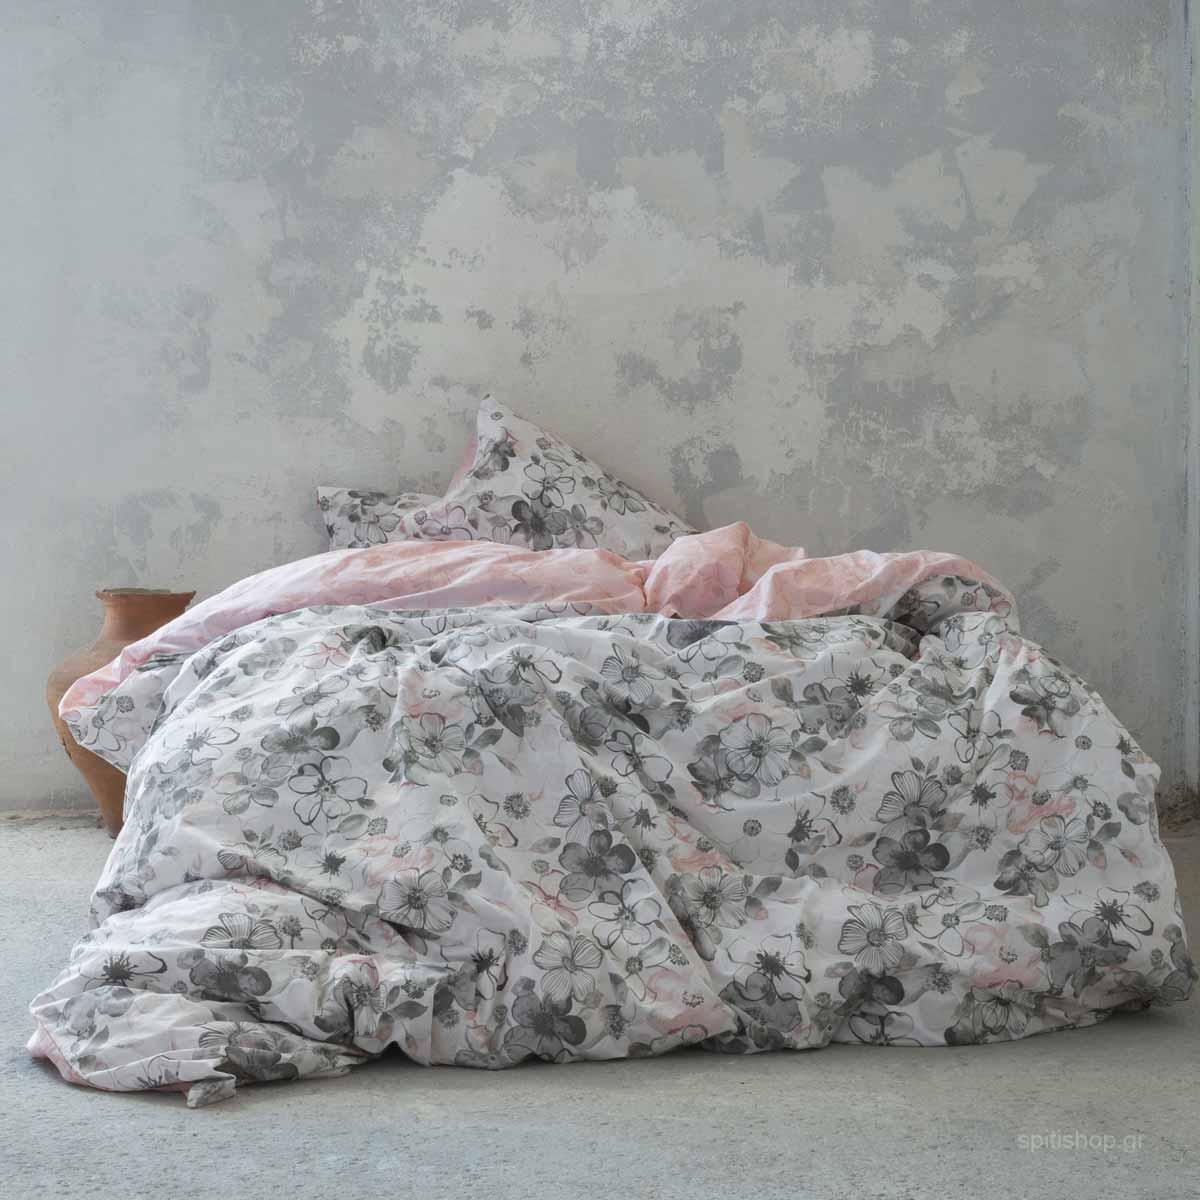 Σεντόνια Υπέρδιπλα (Σετ 240×260) Nima Bed Linen Brindille Pink ΜΕ ΛΑΣΤΙΧΟ 160×200+32 ΜΕ ΛΑΣΤΙΧΟ 160×200+32